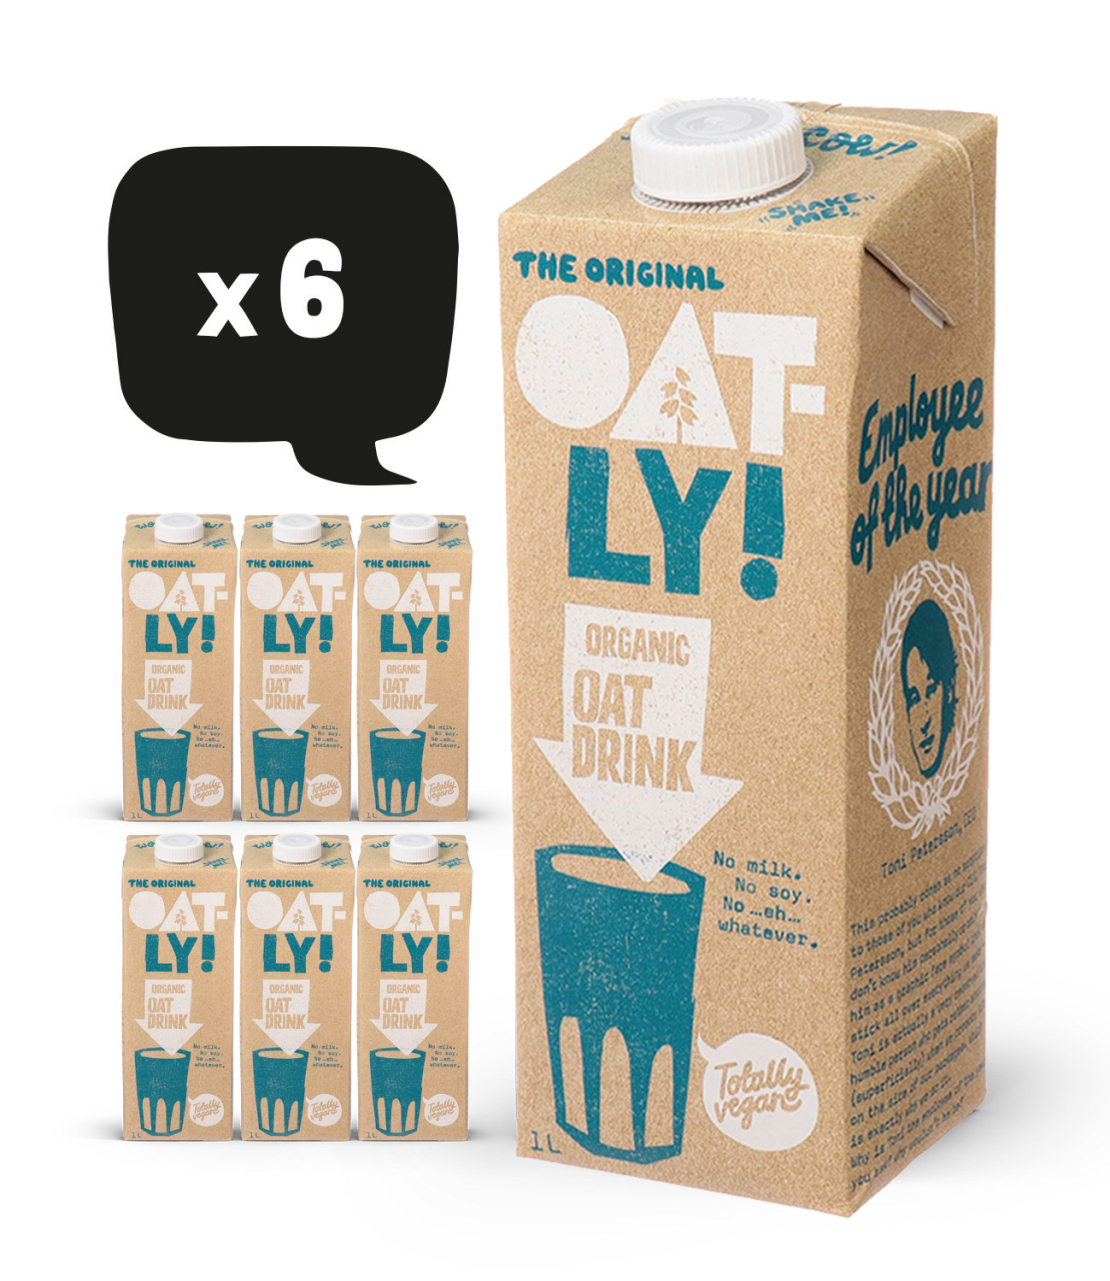 אוטלי משקה שיבולת שועל אורגני 1 ליטר - מארז 6 יחידות